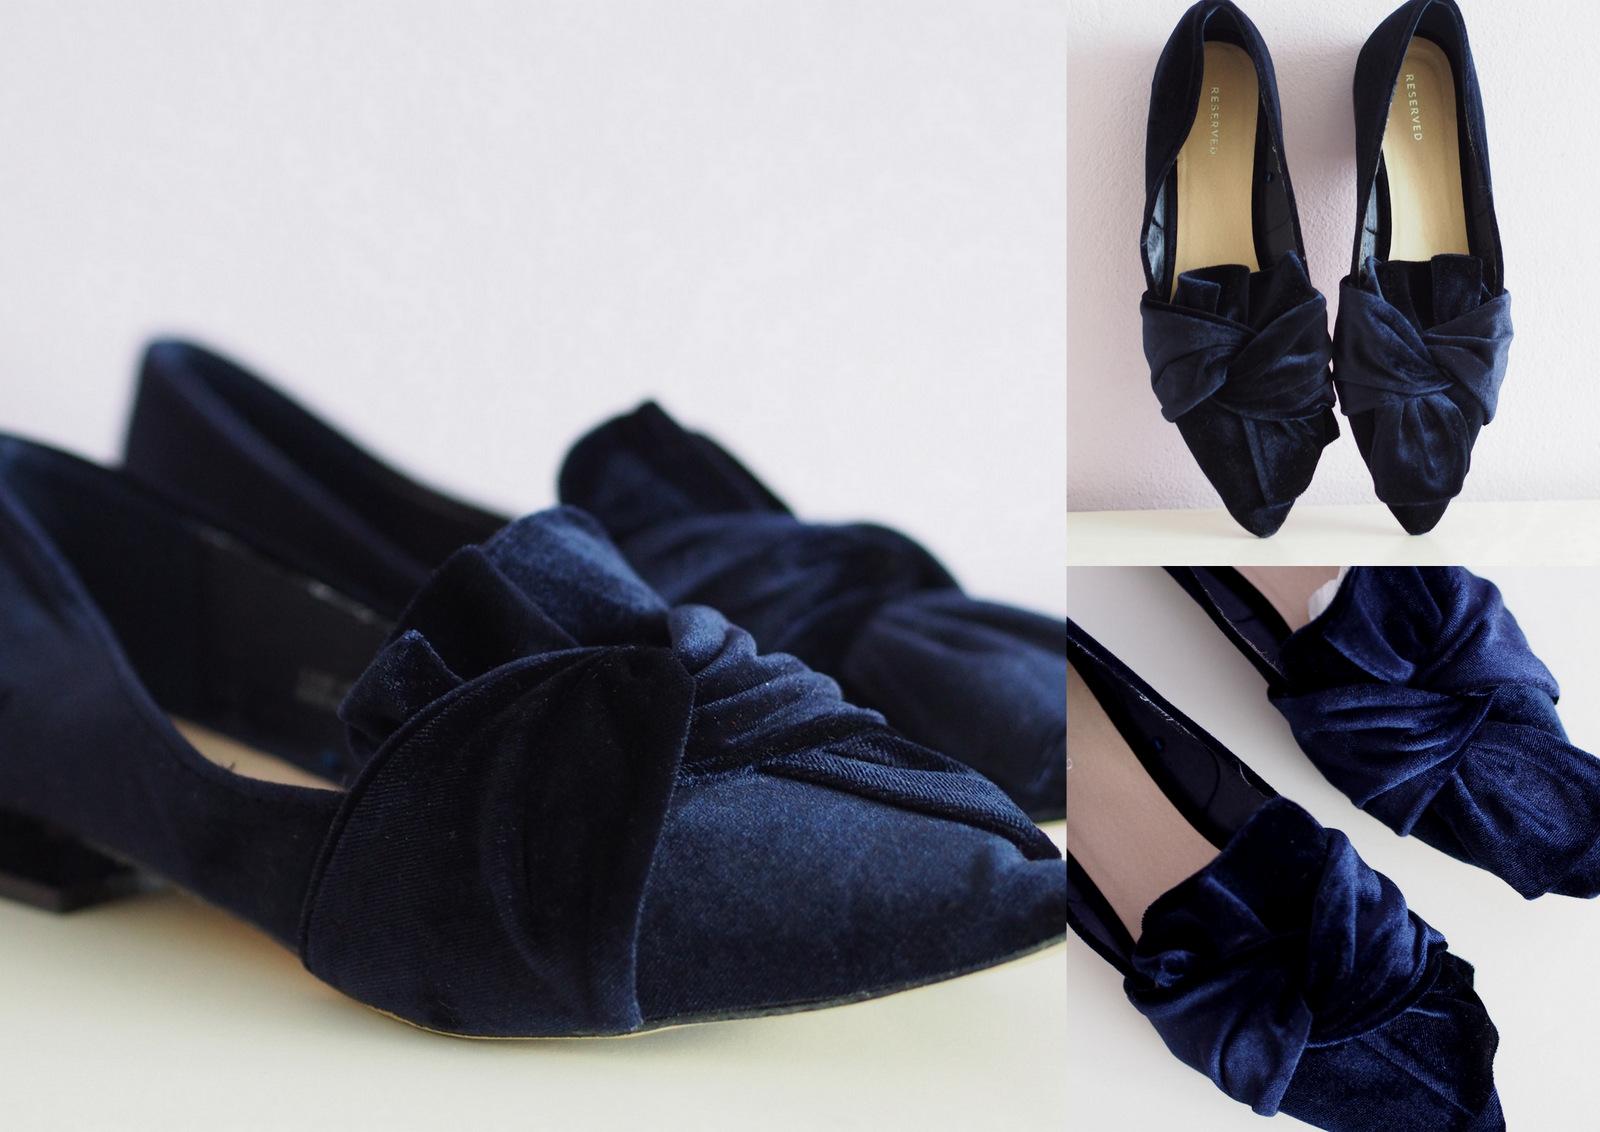 aaee3257ba44 Zamatové topánky som objavila na e-shope a dokonca aj v čiernej farbe. Bola  to láska na prvý pohľad. Pripomínajú mi trošku topánky